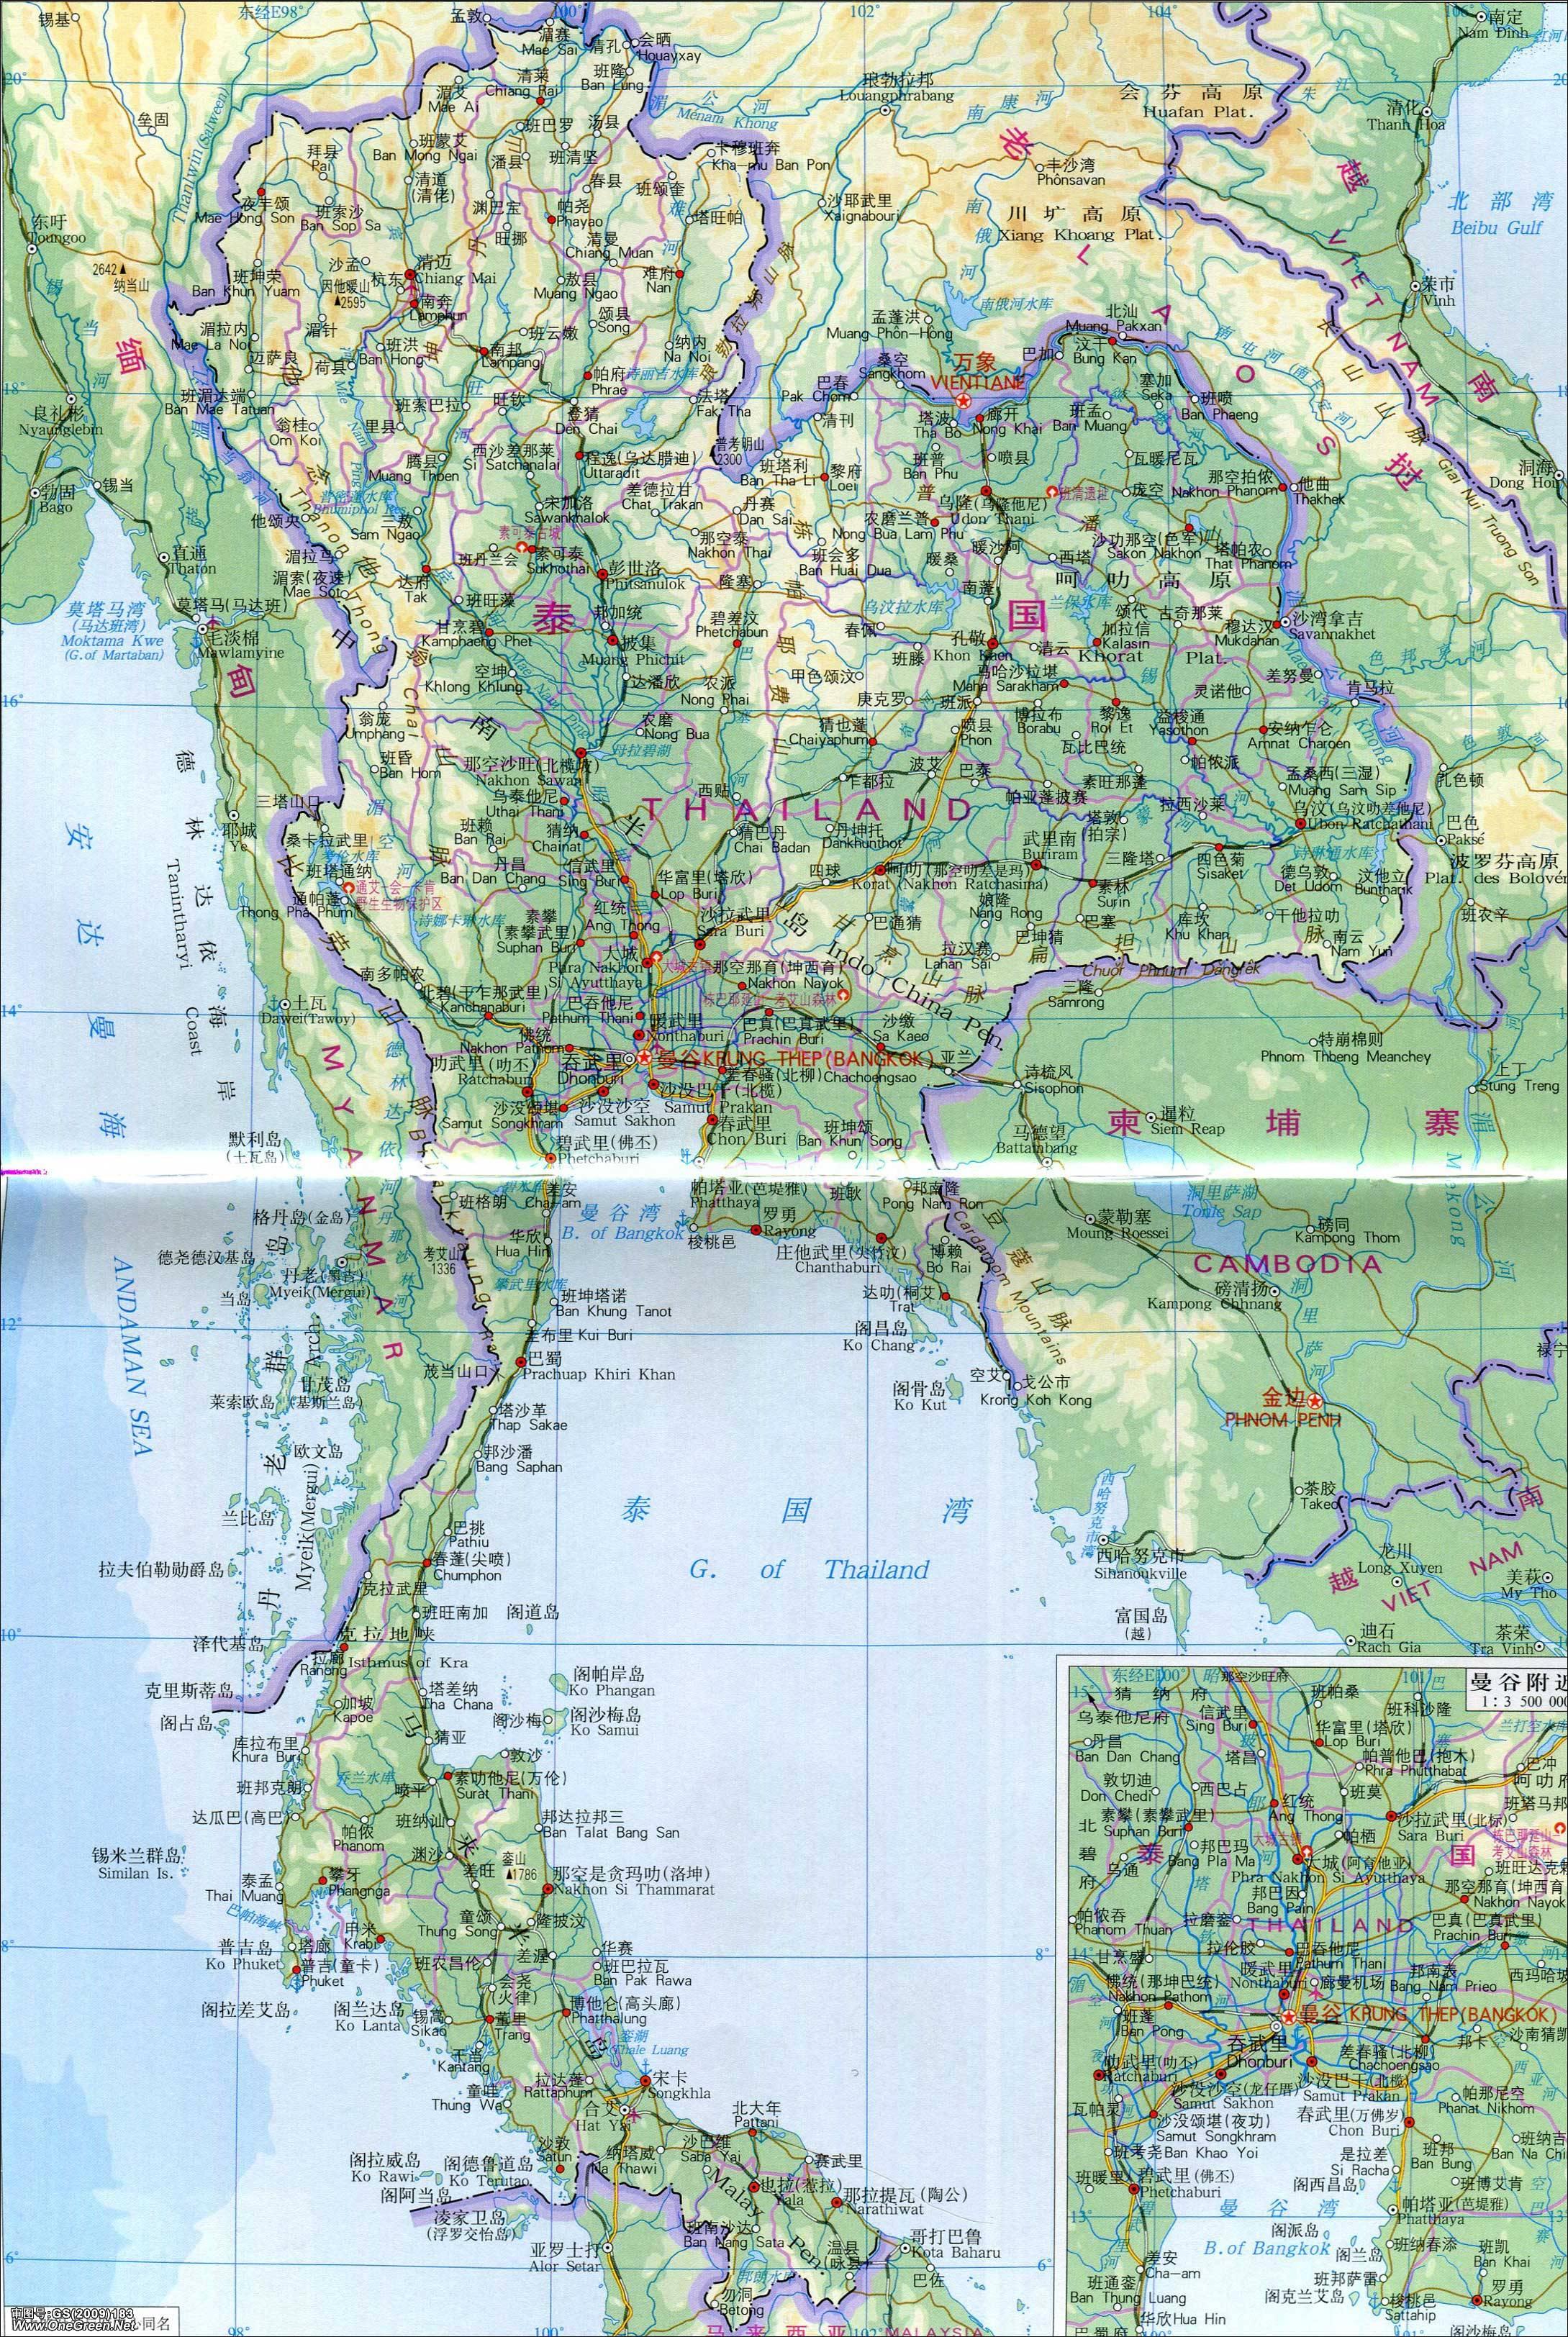 黎巴嫩地图_泰国地图地形版_泰国地图库_地图窝